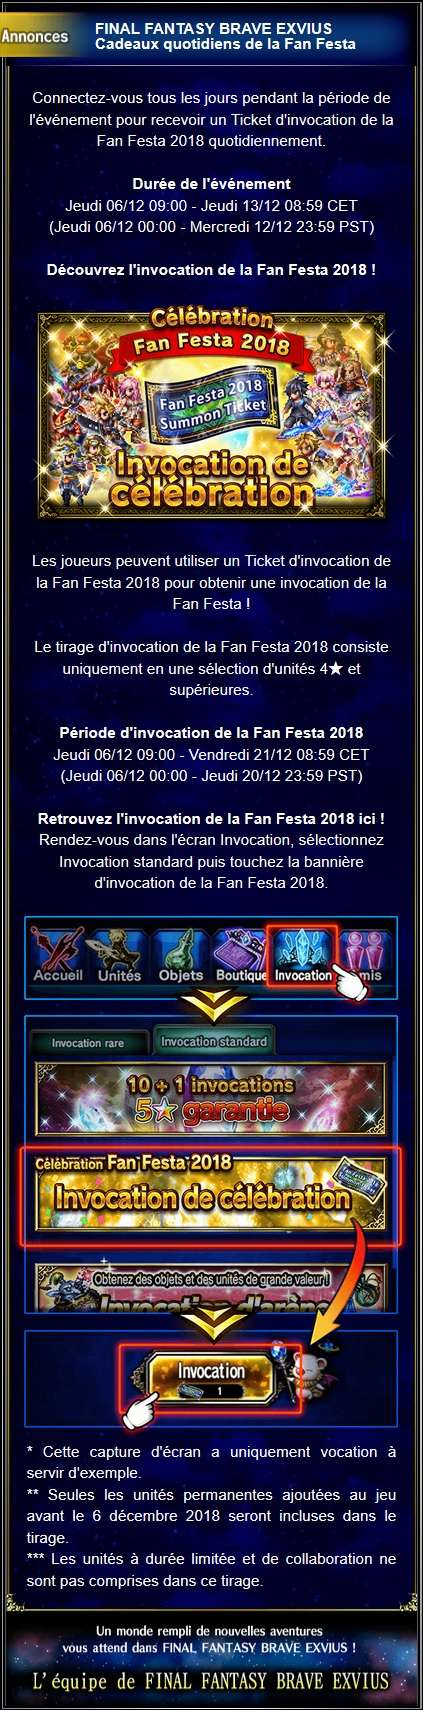 Invocations spéciales - Fan Festa - du 06/12 au 13/12/18 Captur72